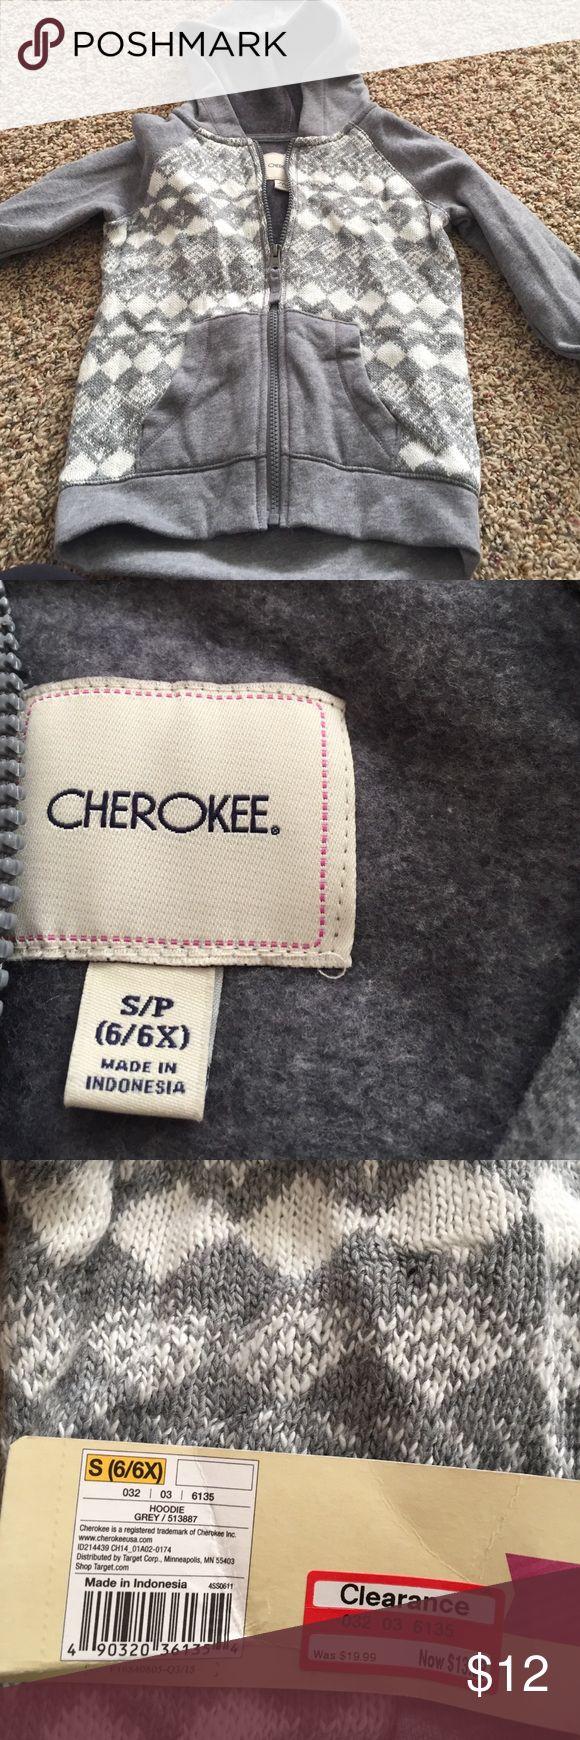 Grey and cream zip up hoodie Cherokee dressy zip up hoodie. Size 6 / 6x Cherokee Shirts & Tops Sweatshirts & Hoodies